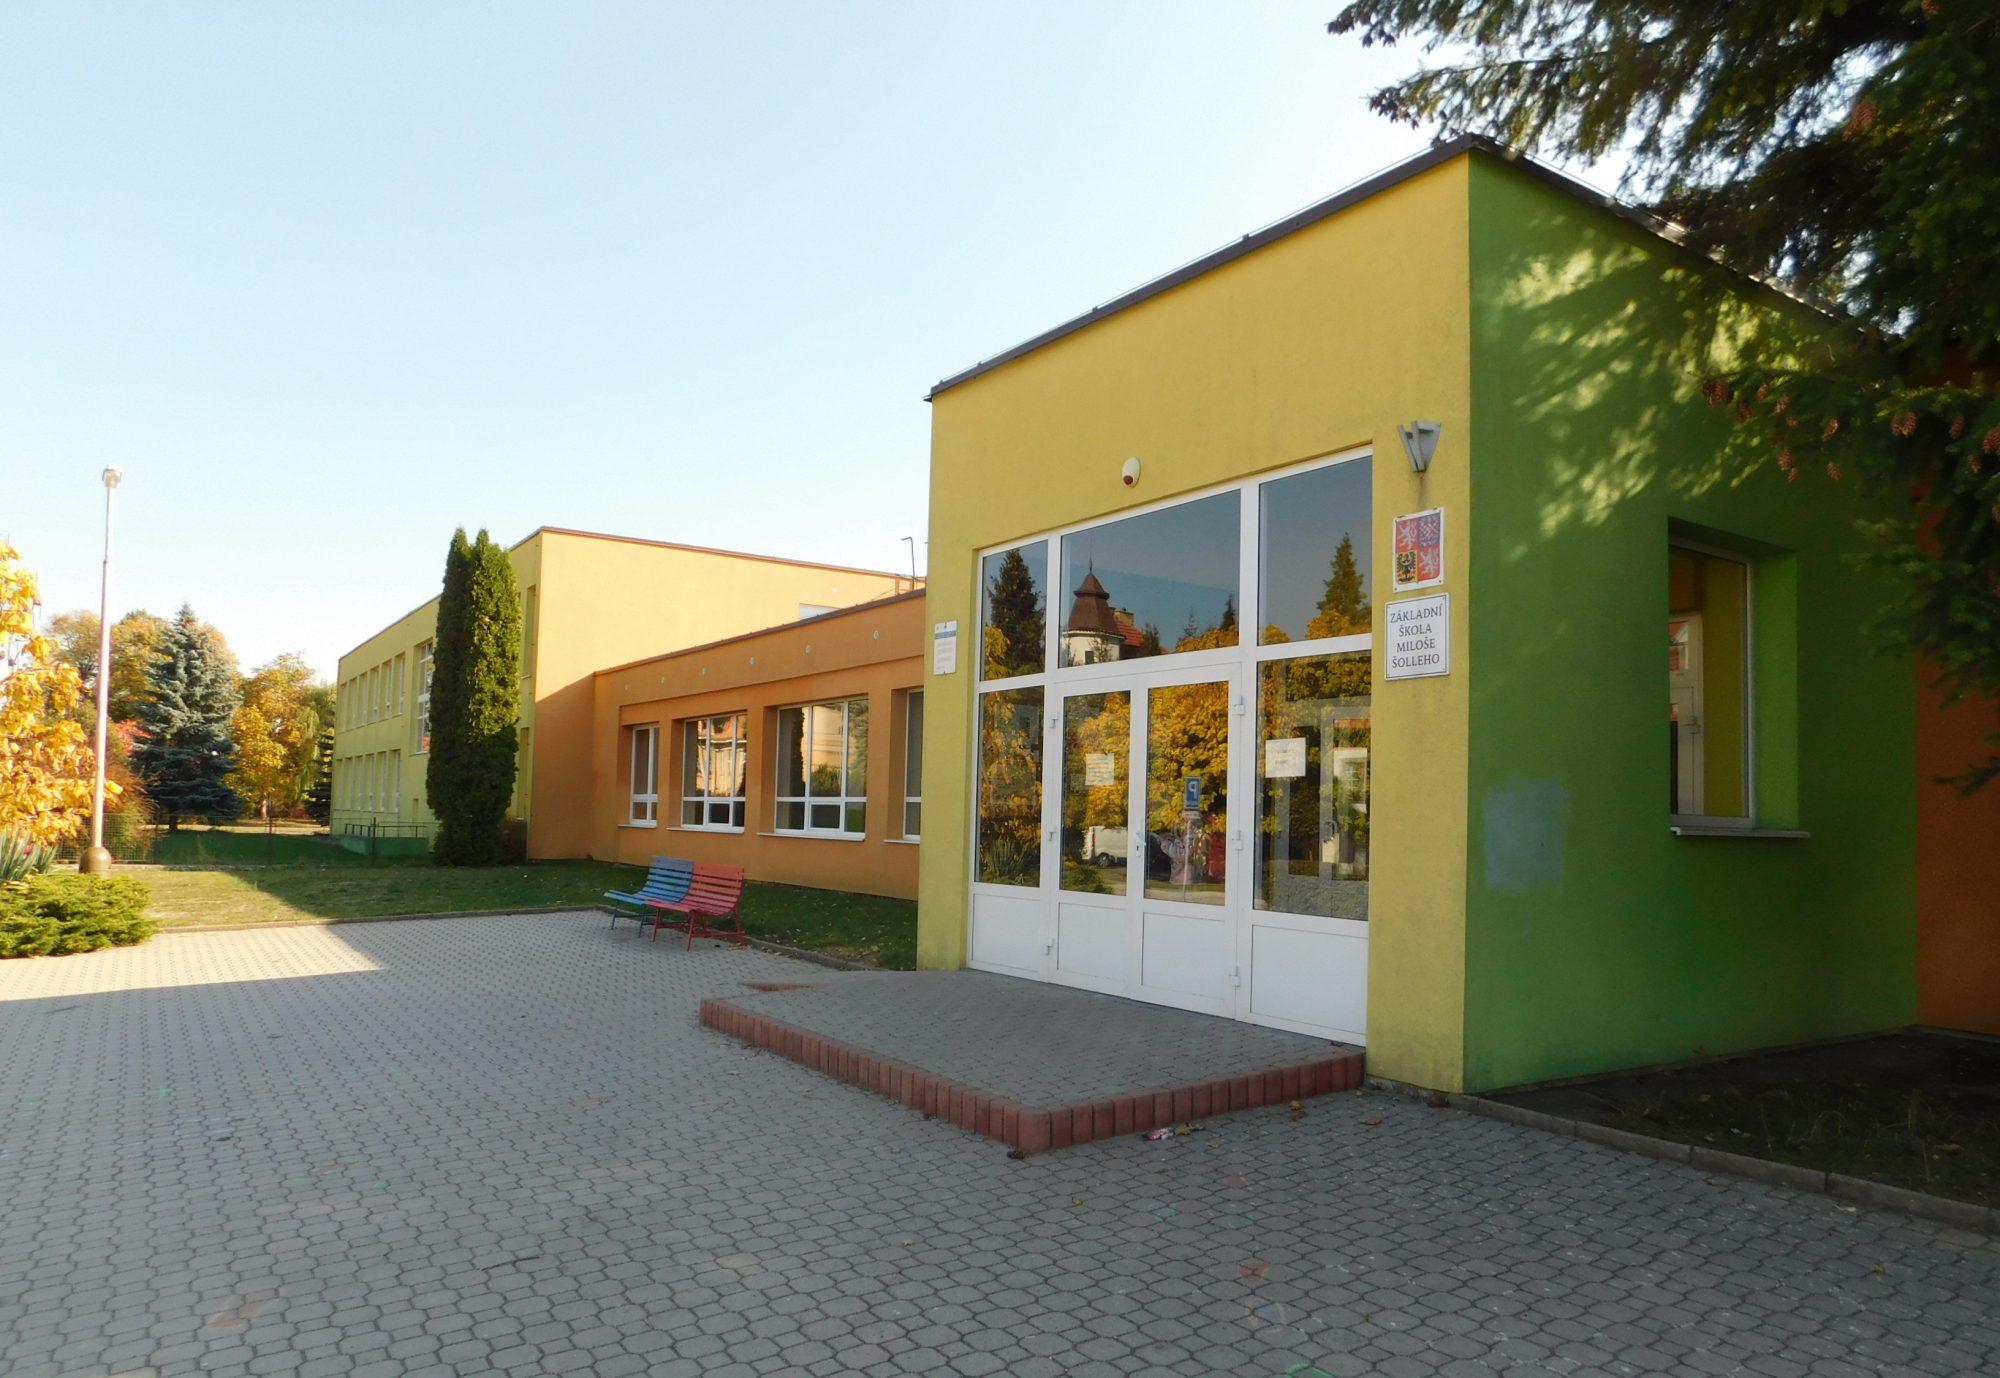 Základní škola Miloše Šolleho Kouřim, okres kolín